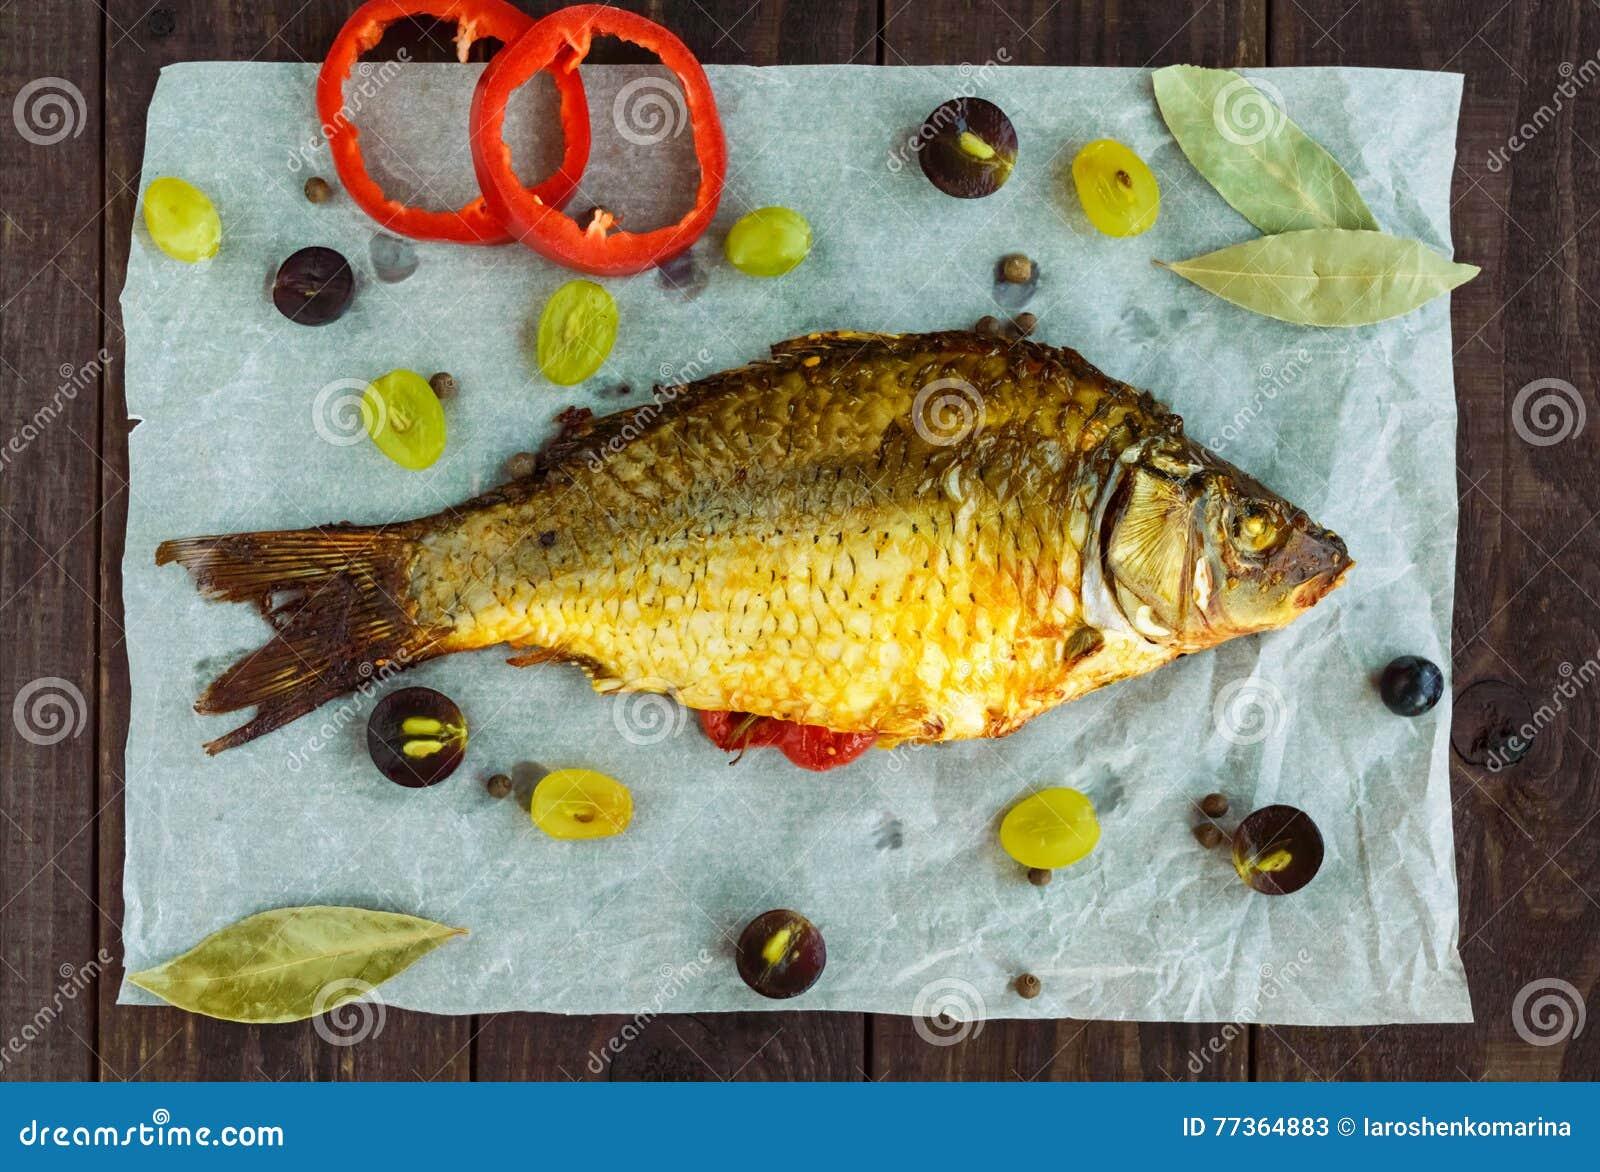 Gebackener Fischkarpfen, angefüllter grüner Pfeffer und Trauben